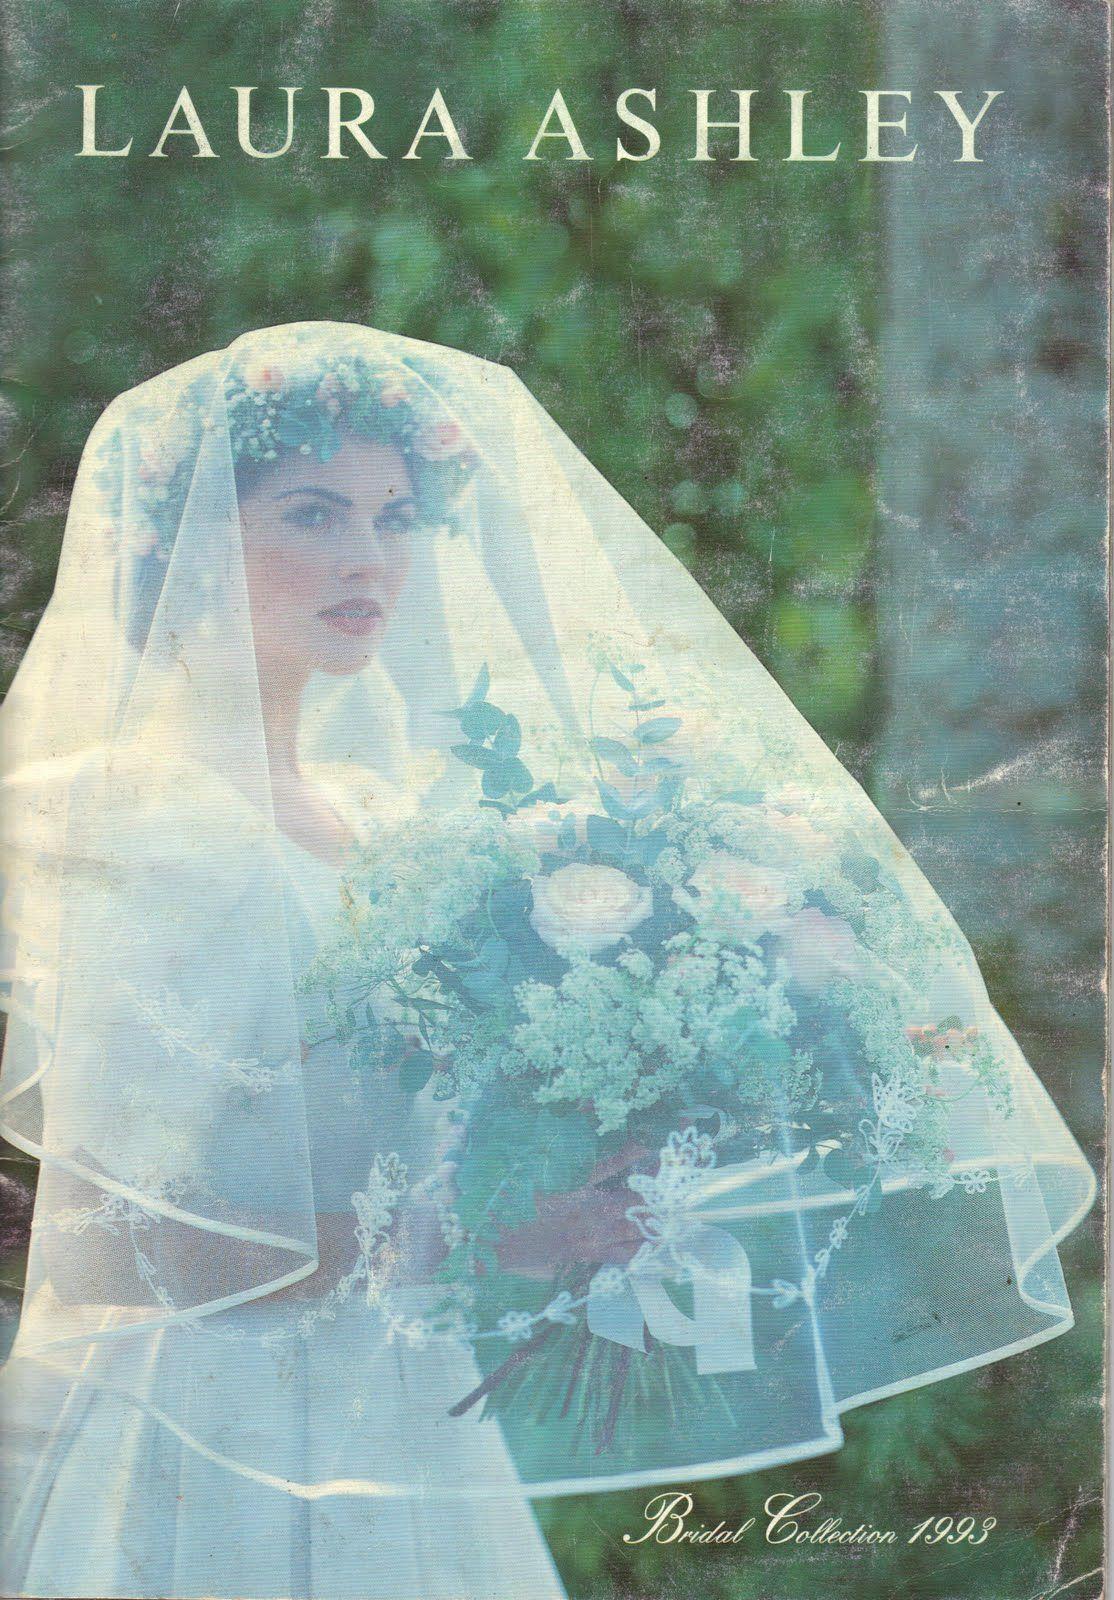 Laura Ashley Laura Ashley Wedding Dress Laura Ashley Laura Ashley Dress